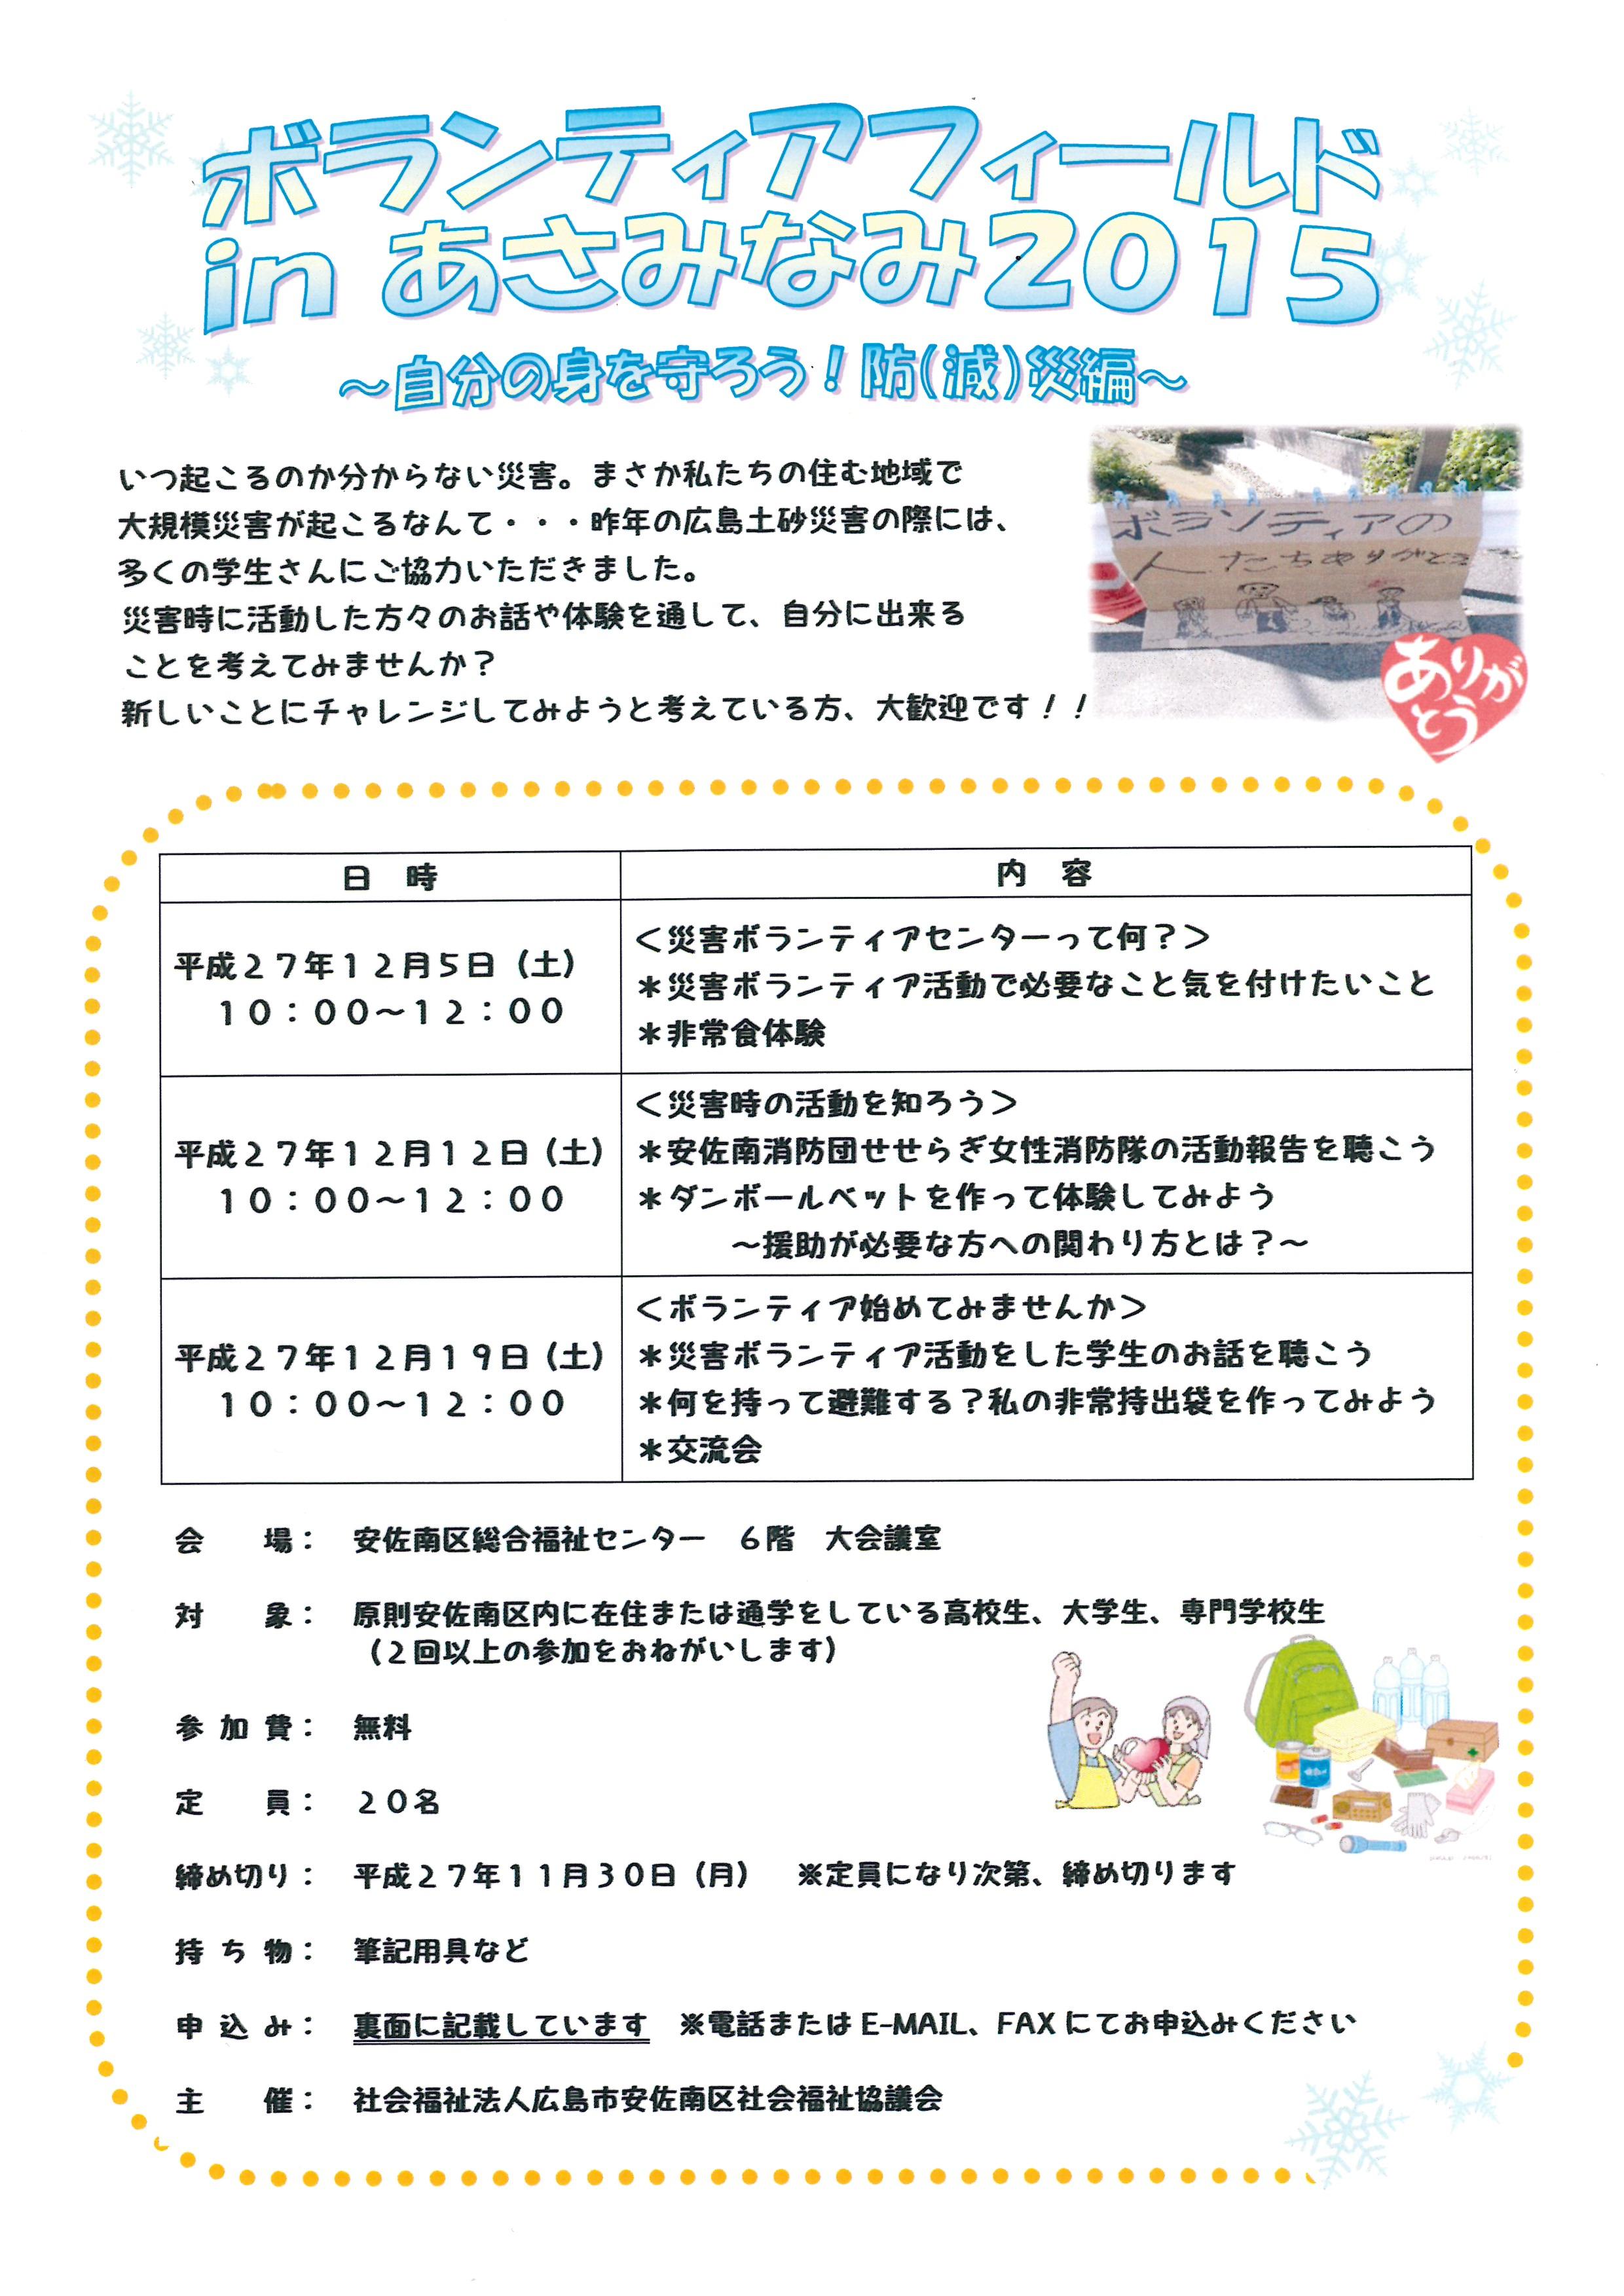 [イベント]ボランティアフィールドinあさみなみ2015